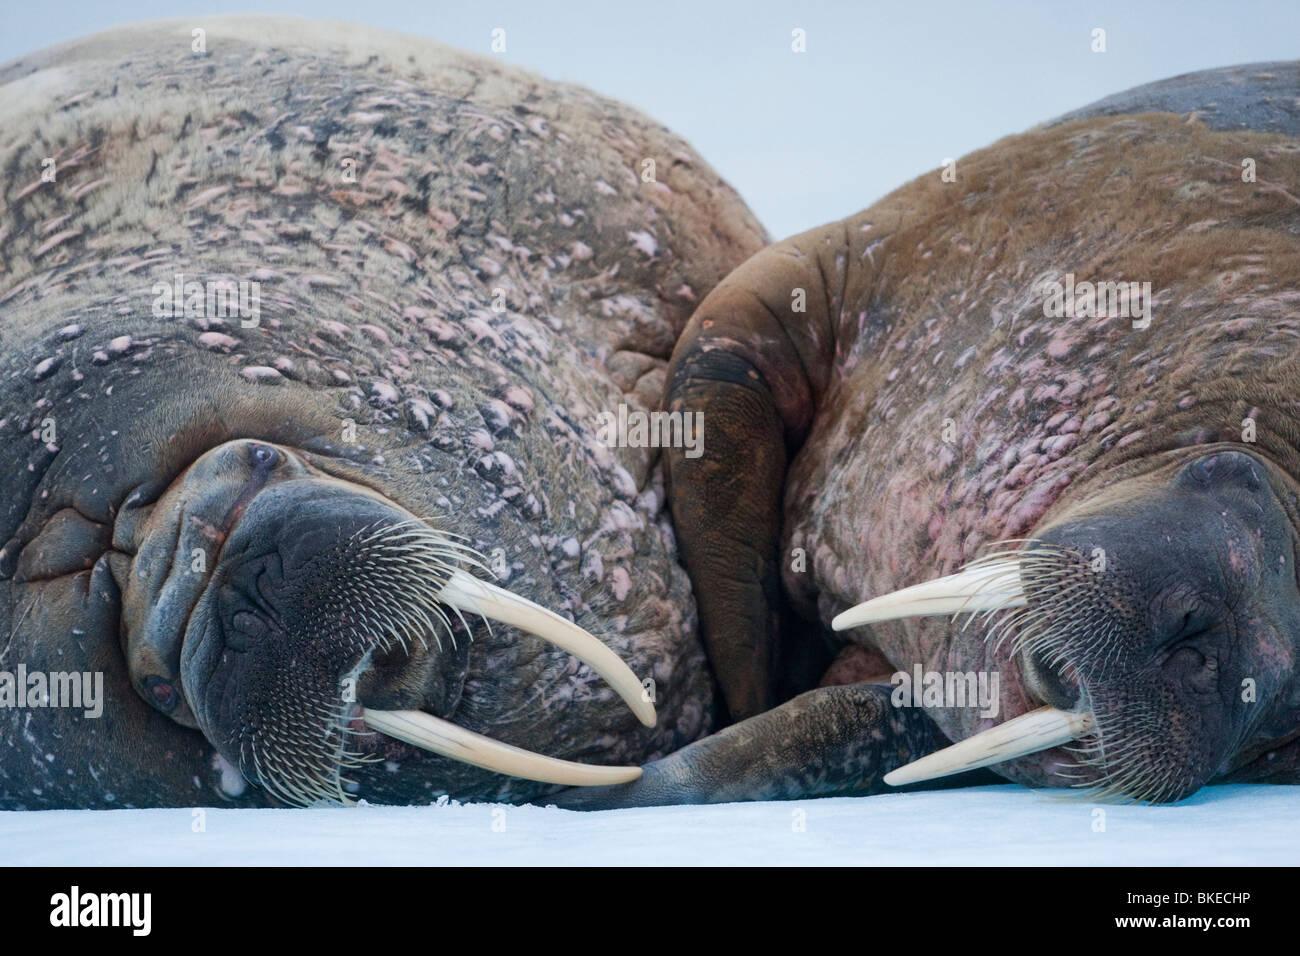 Norwegen, Spitzbergen, Nordaustlandet, zwei Walross (Odobenus Rosmarus) schlafen auf dem Meereis in der Nähe Stockbild